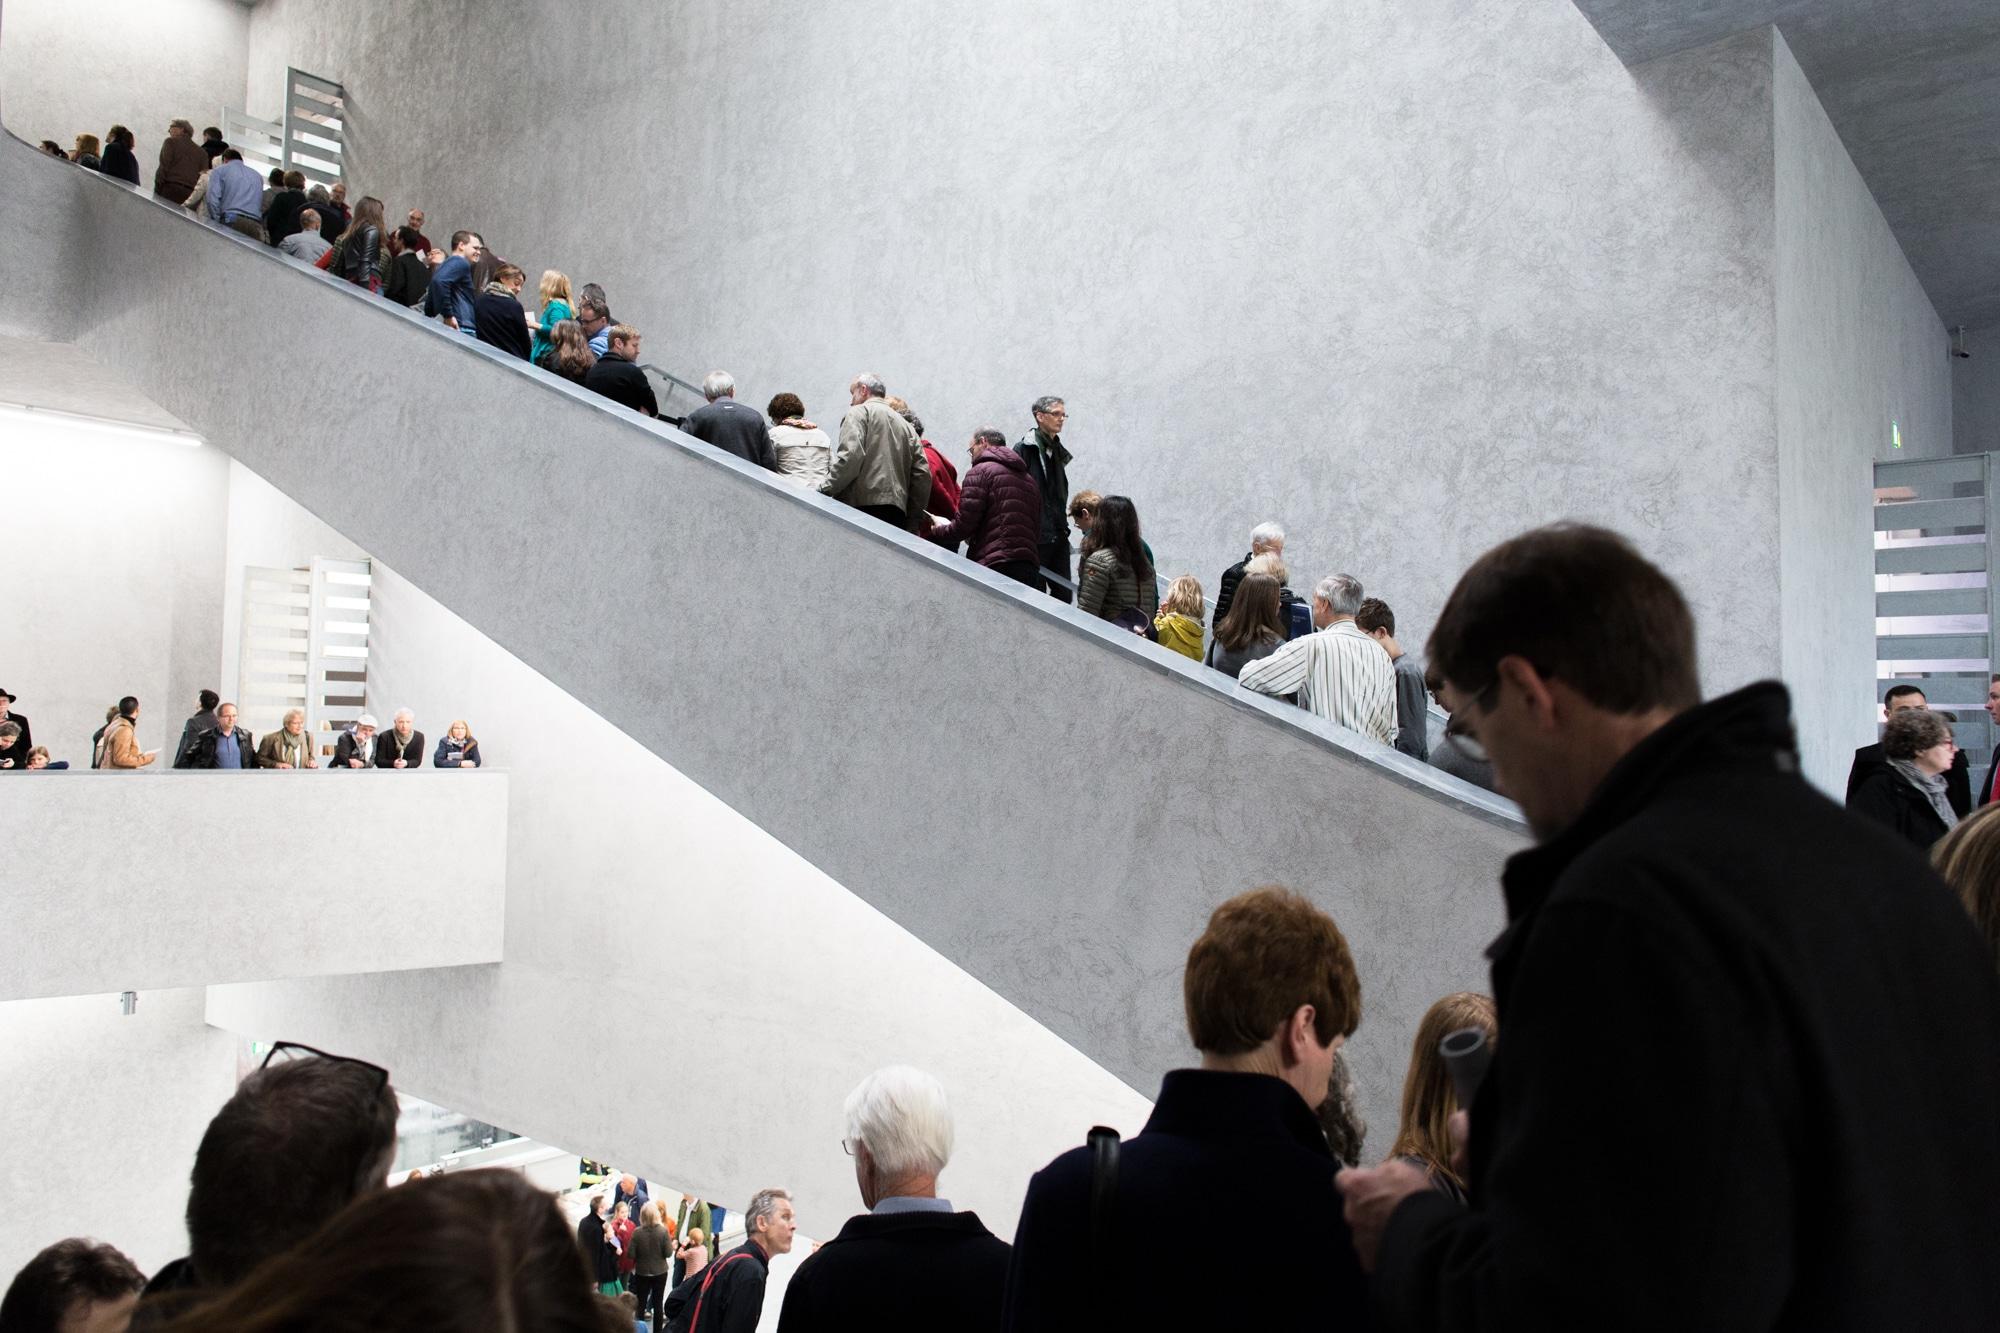 So gut besucht wie am ersten Tag war der Erweiterungsbau des Kunstmuseums nie mehr.